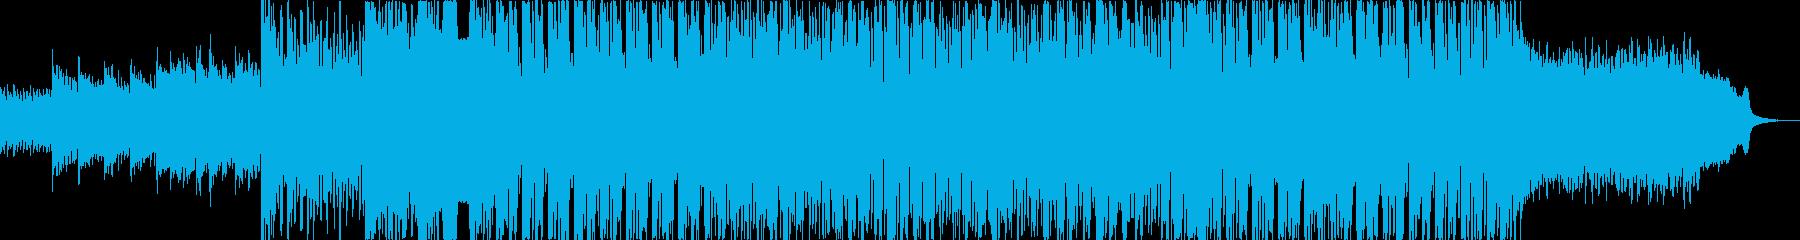 EDM心地良く華やかで刺激的なサウンドの再生済みの波形